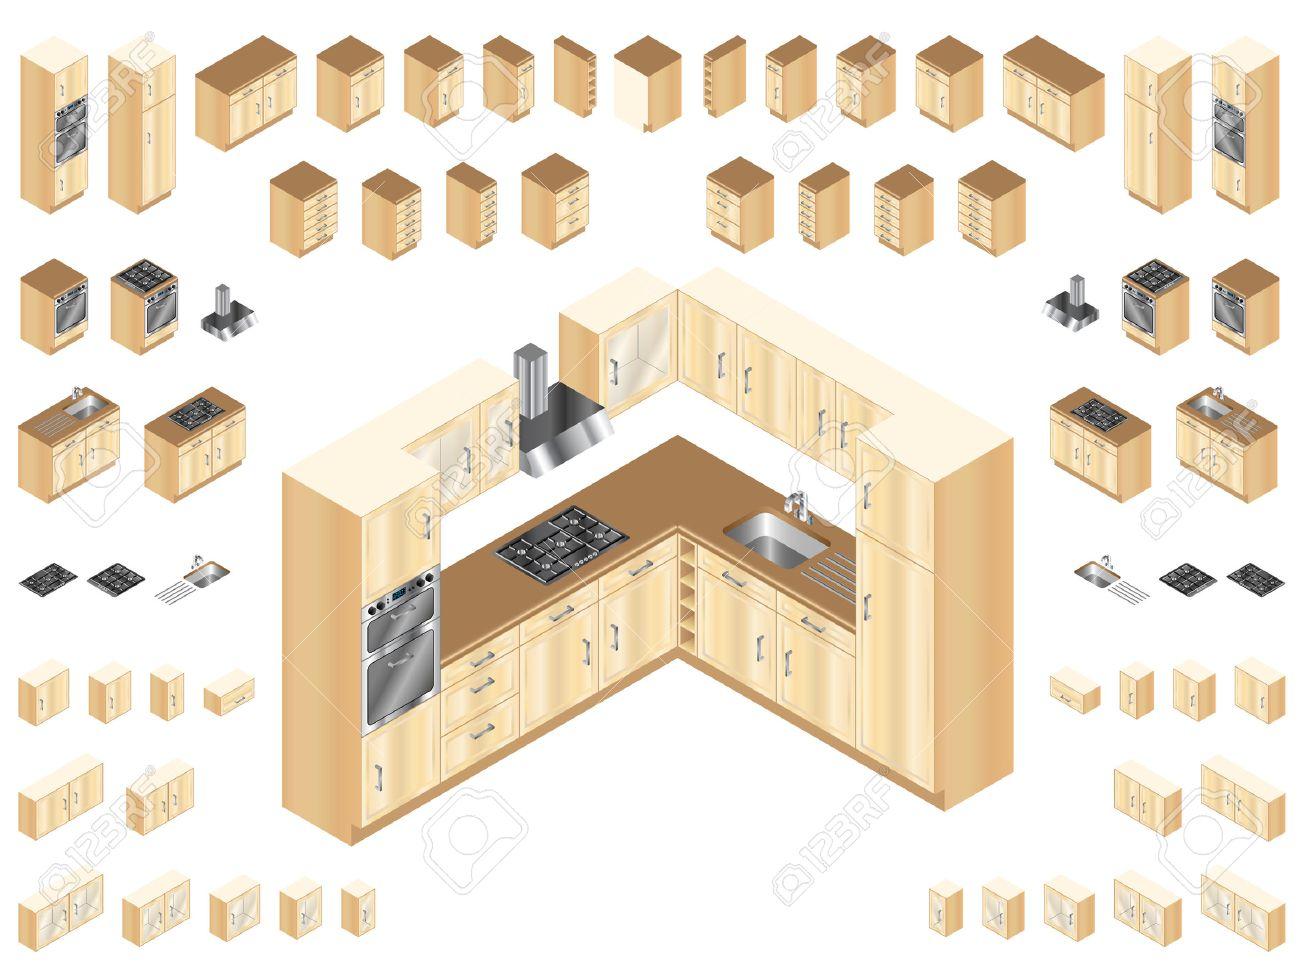 Fantastisch Küche Design Pläne Vorlage Ideen - Entry Level Resume ...